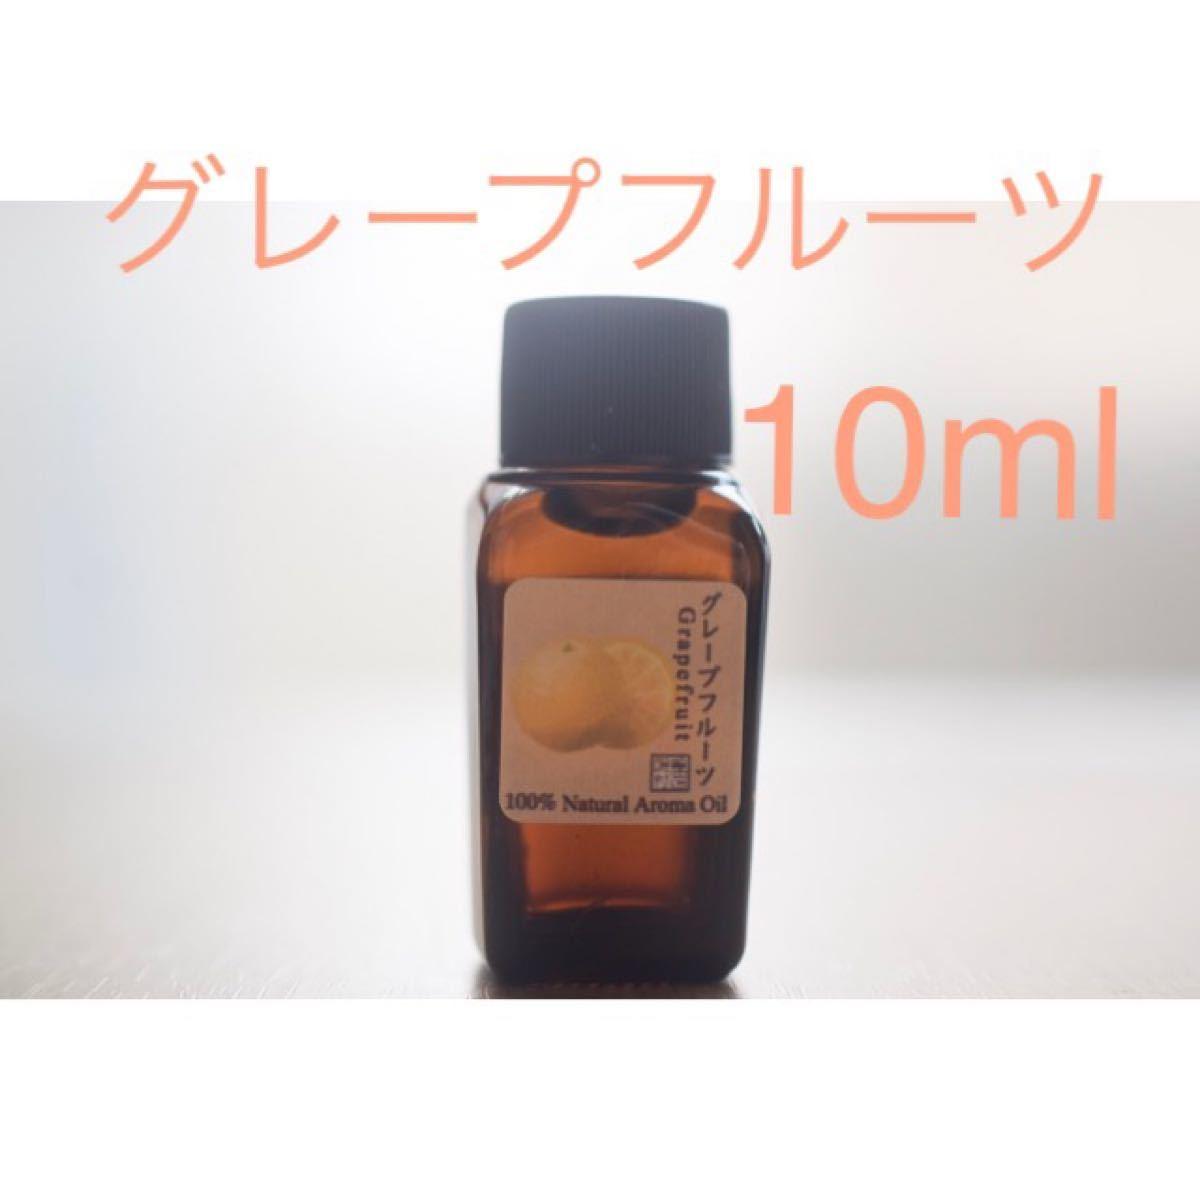 グレープフルーツ 10ml アロマ用精油 エッセンシャルオイル